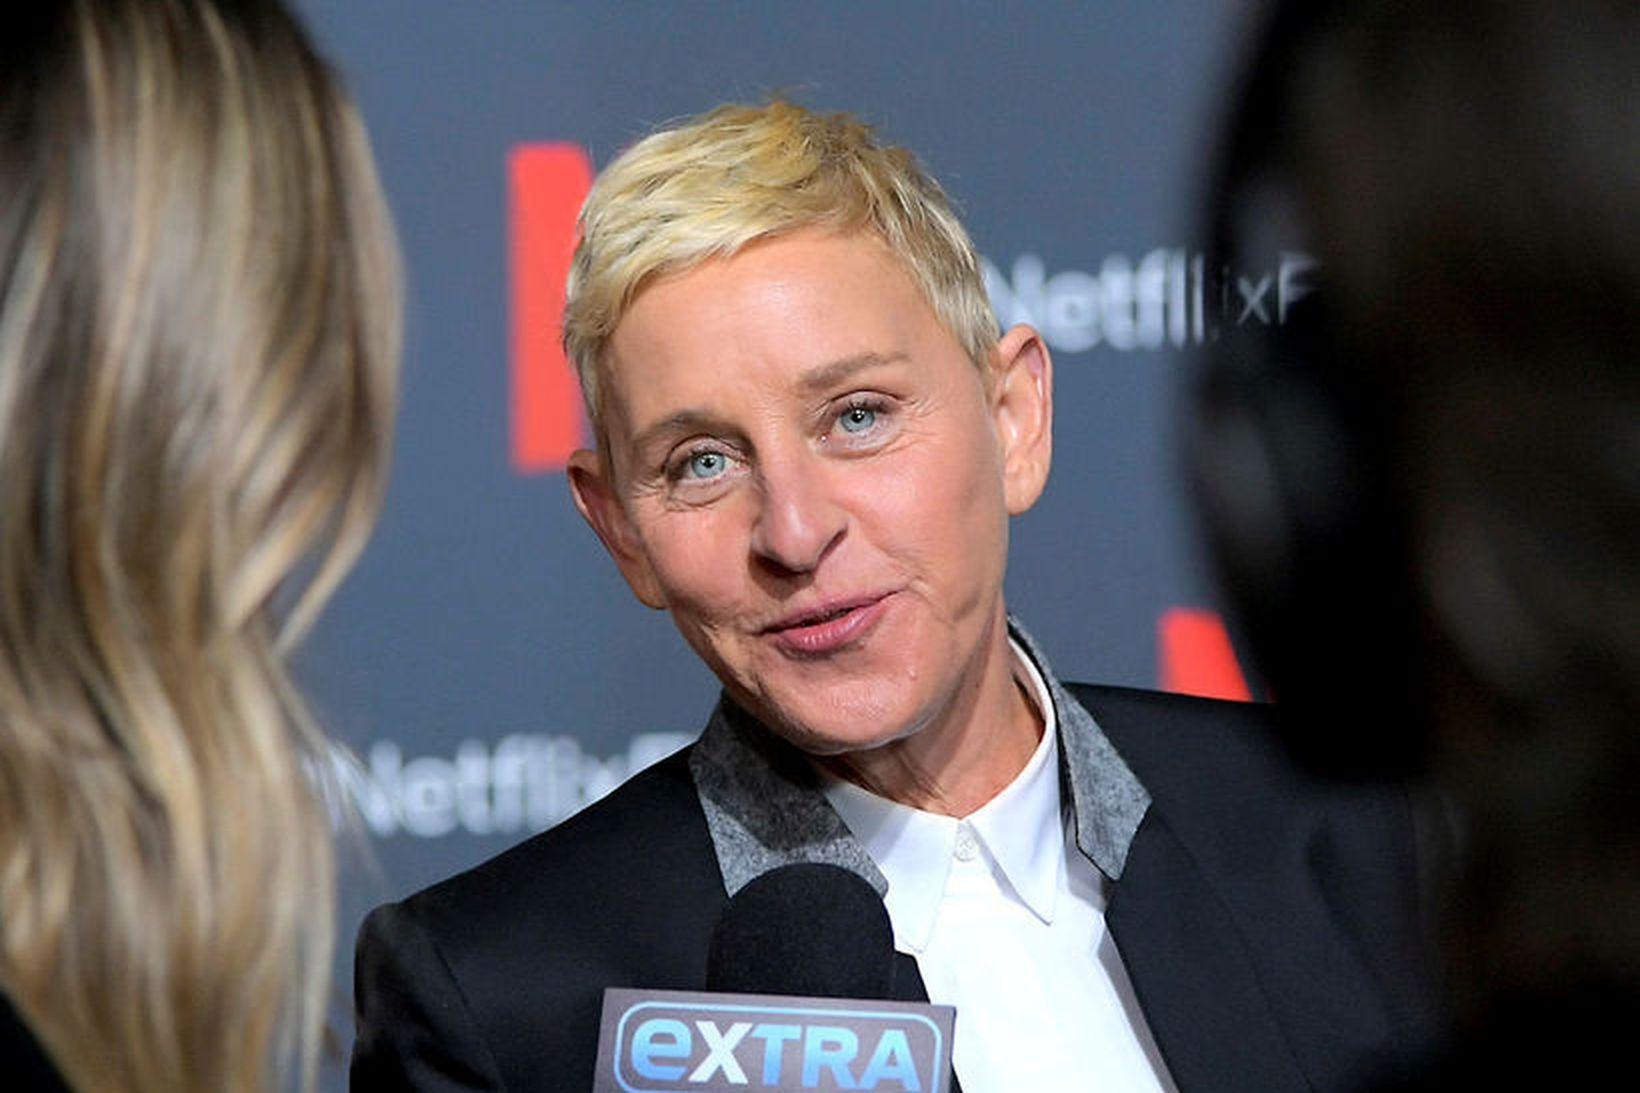 Brad Garrett segir það á allra vitorði að Ellen DeGeneres …